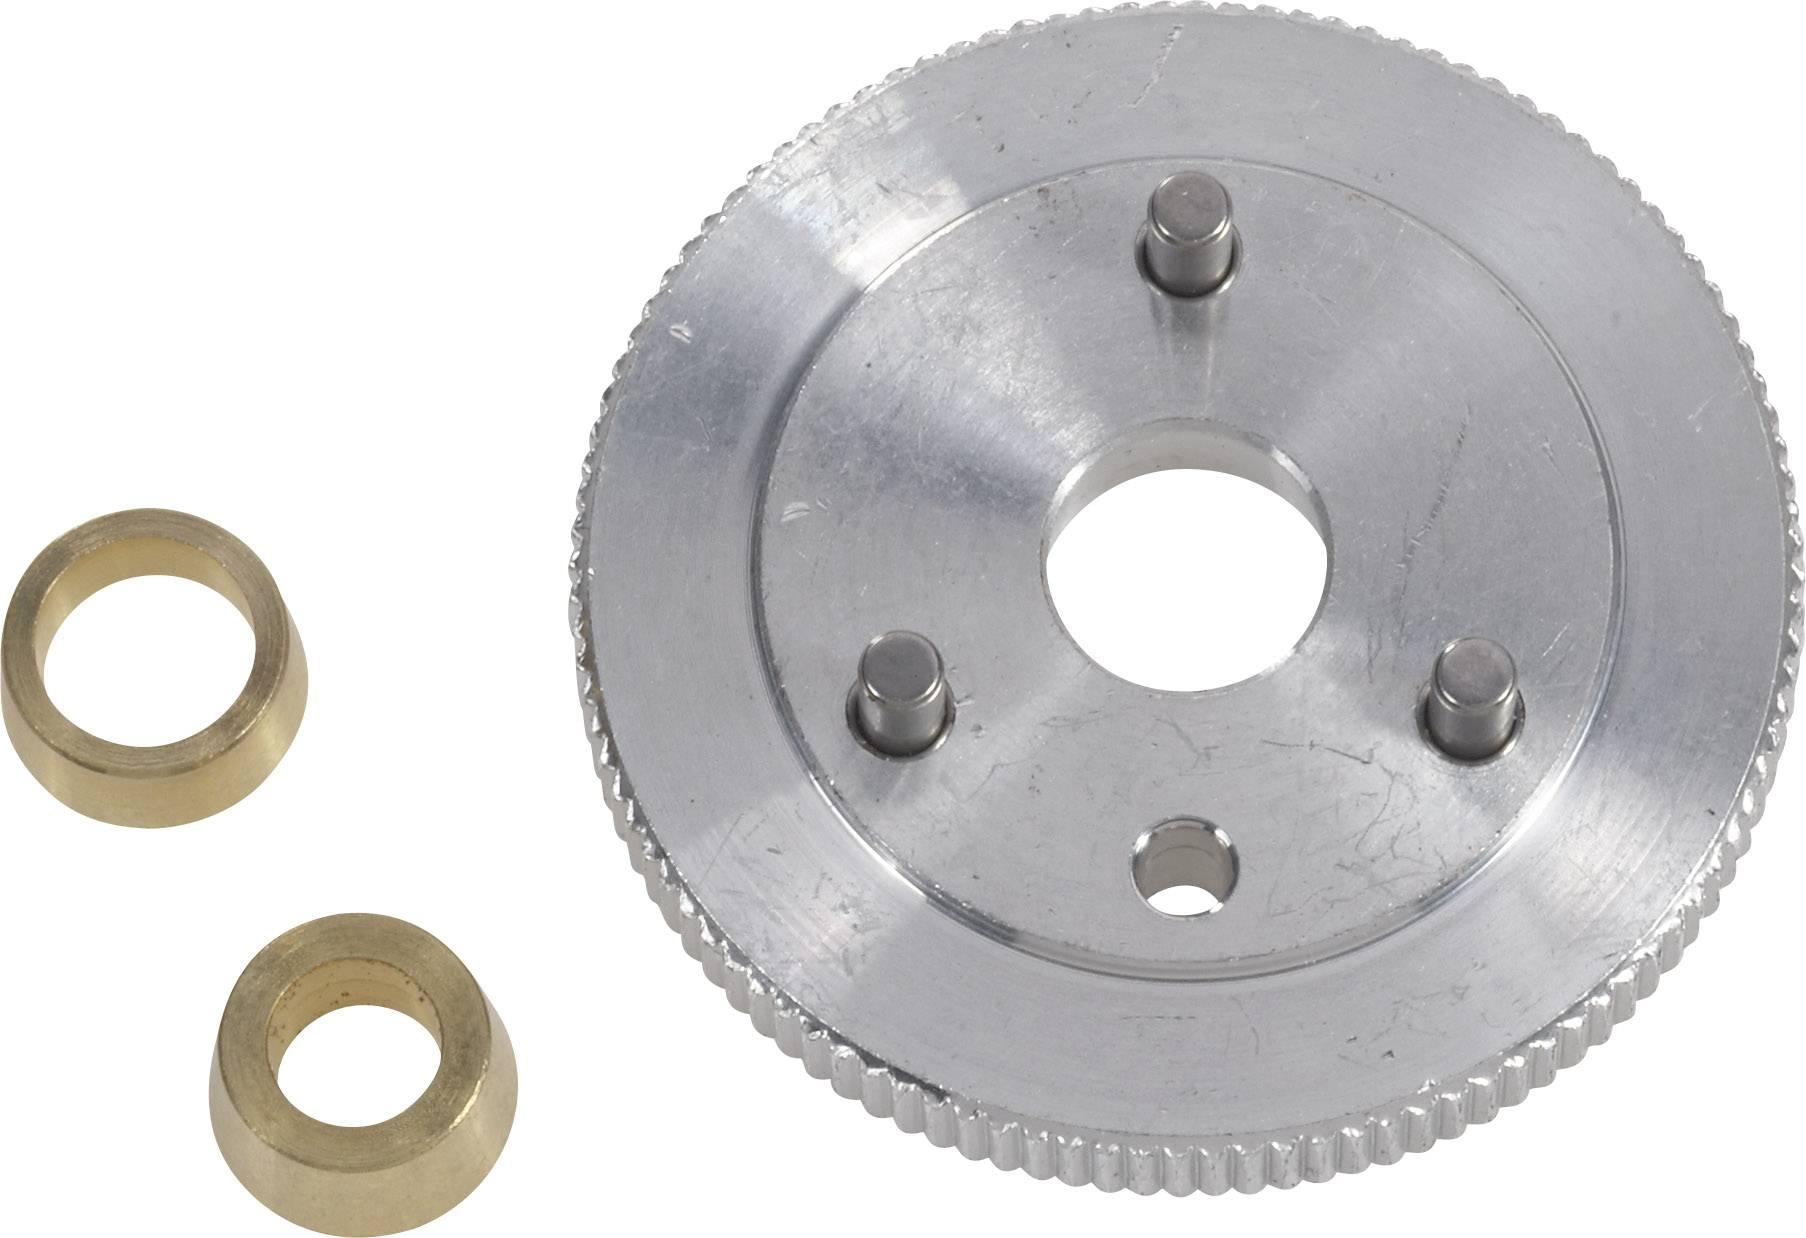 Hliníkový setrvačník s příslušenstvím Reely, Ø 36 mm (CB363)